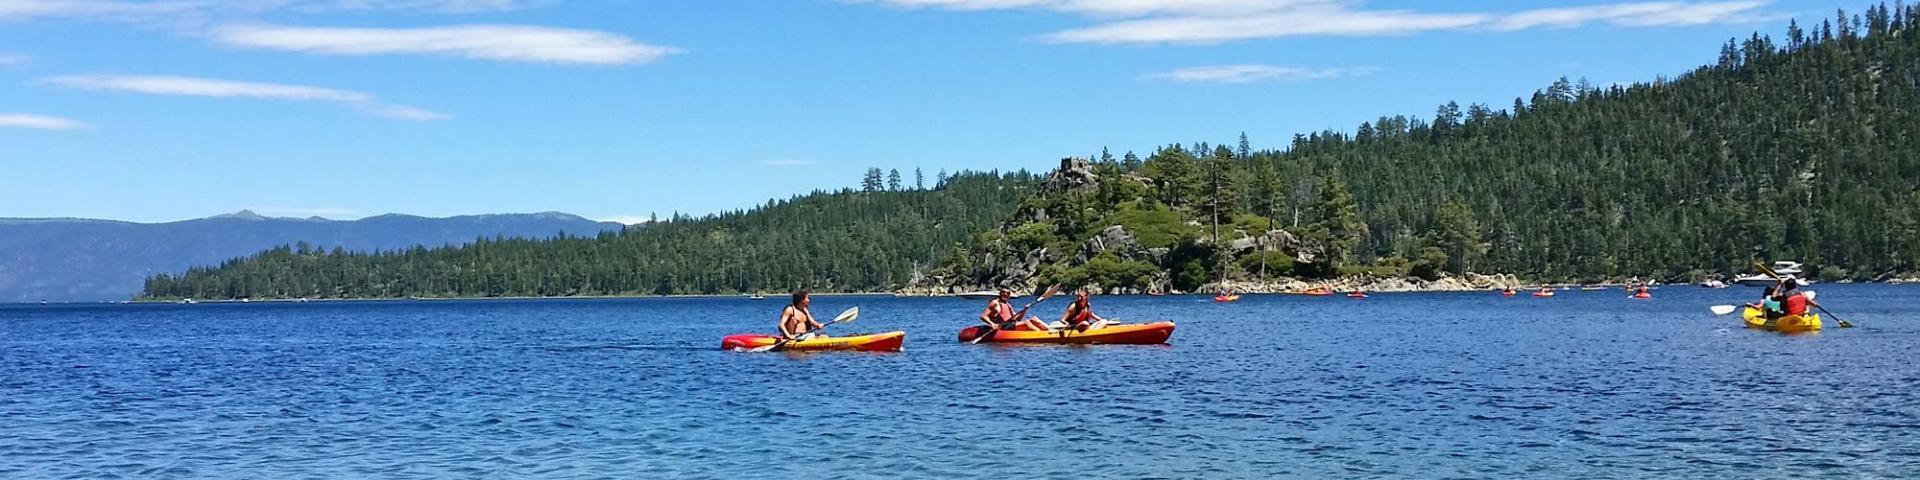 Lake Tahoe summer kayaks Emerald Bay